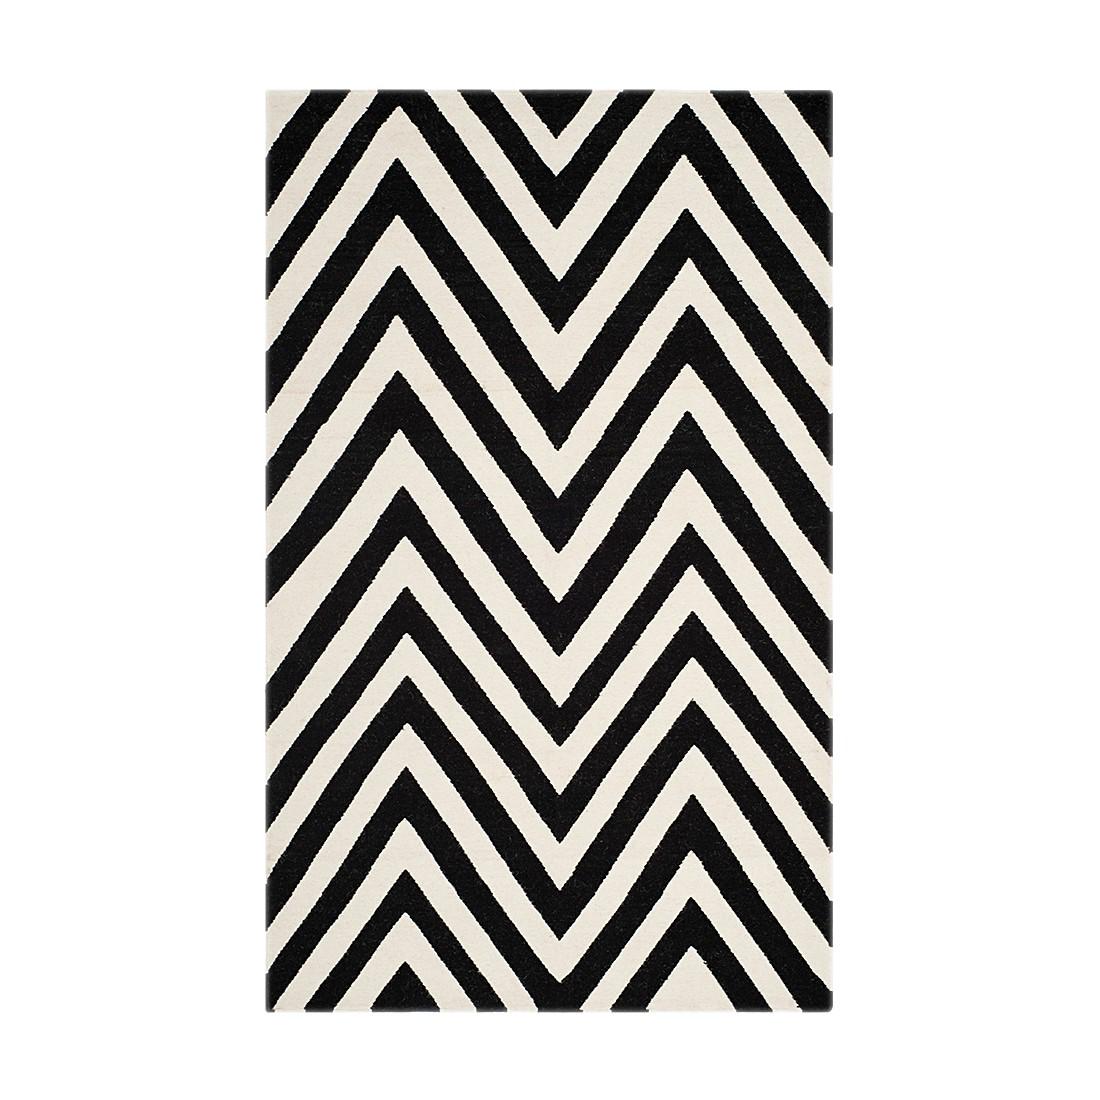 Teppich Serena – Schwarz/Creme – 183 x 275 cm, Safavieh günstig